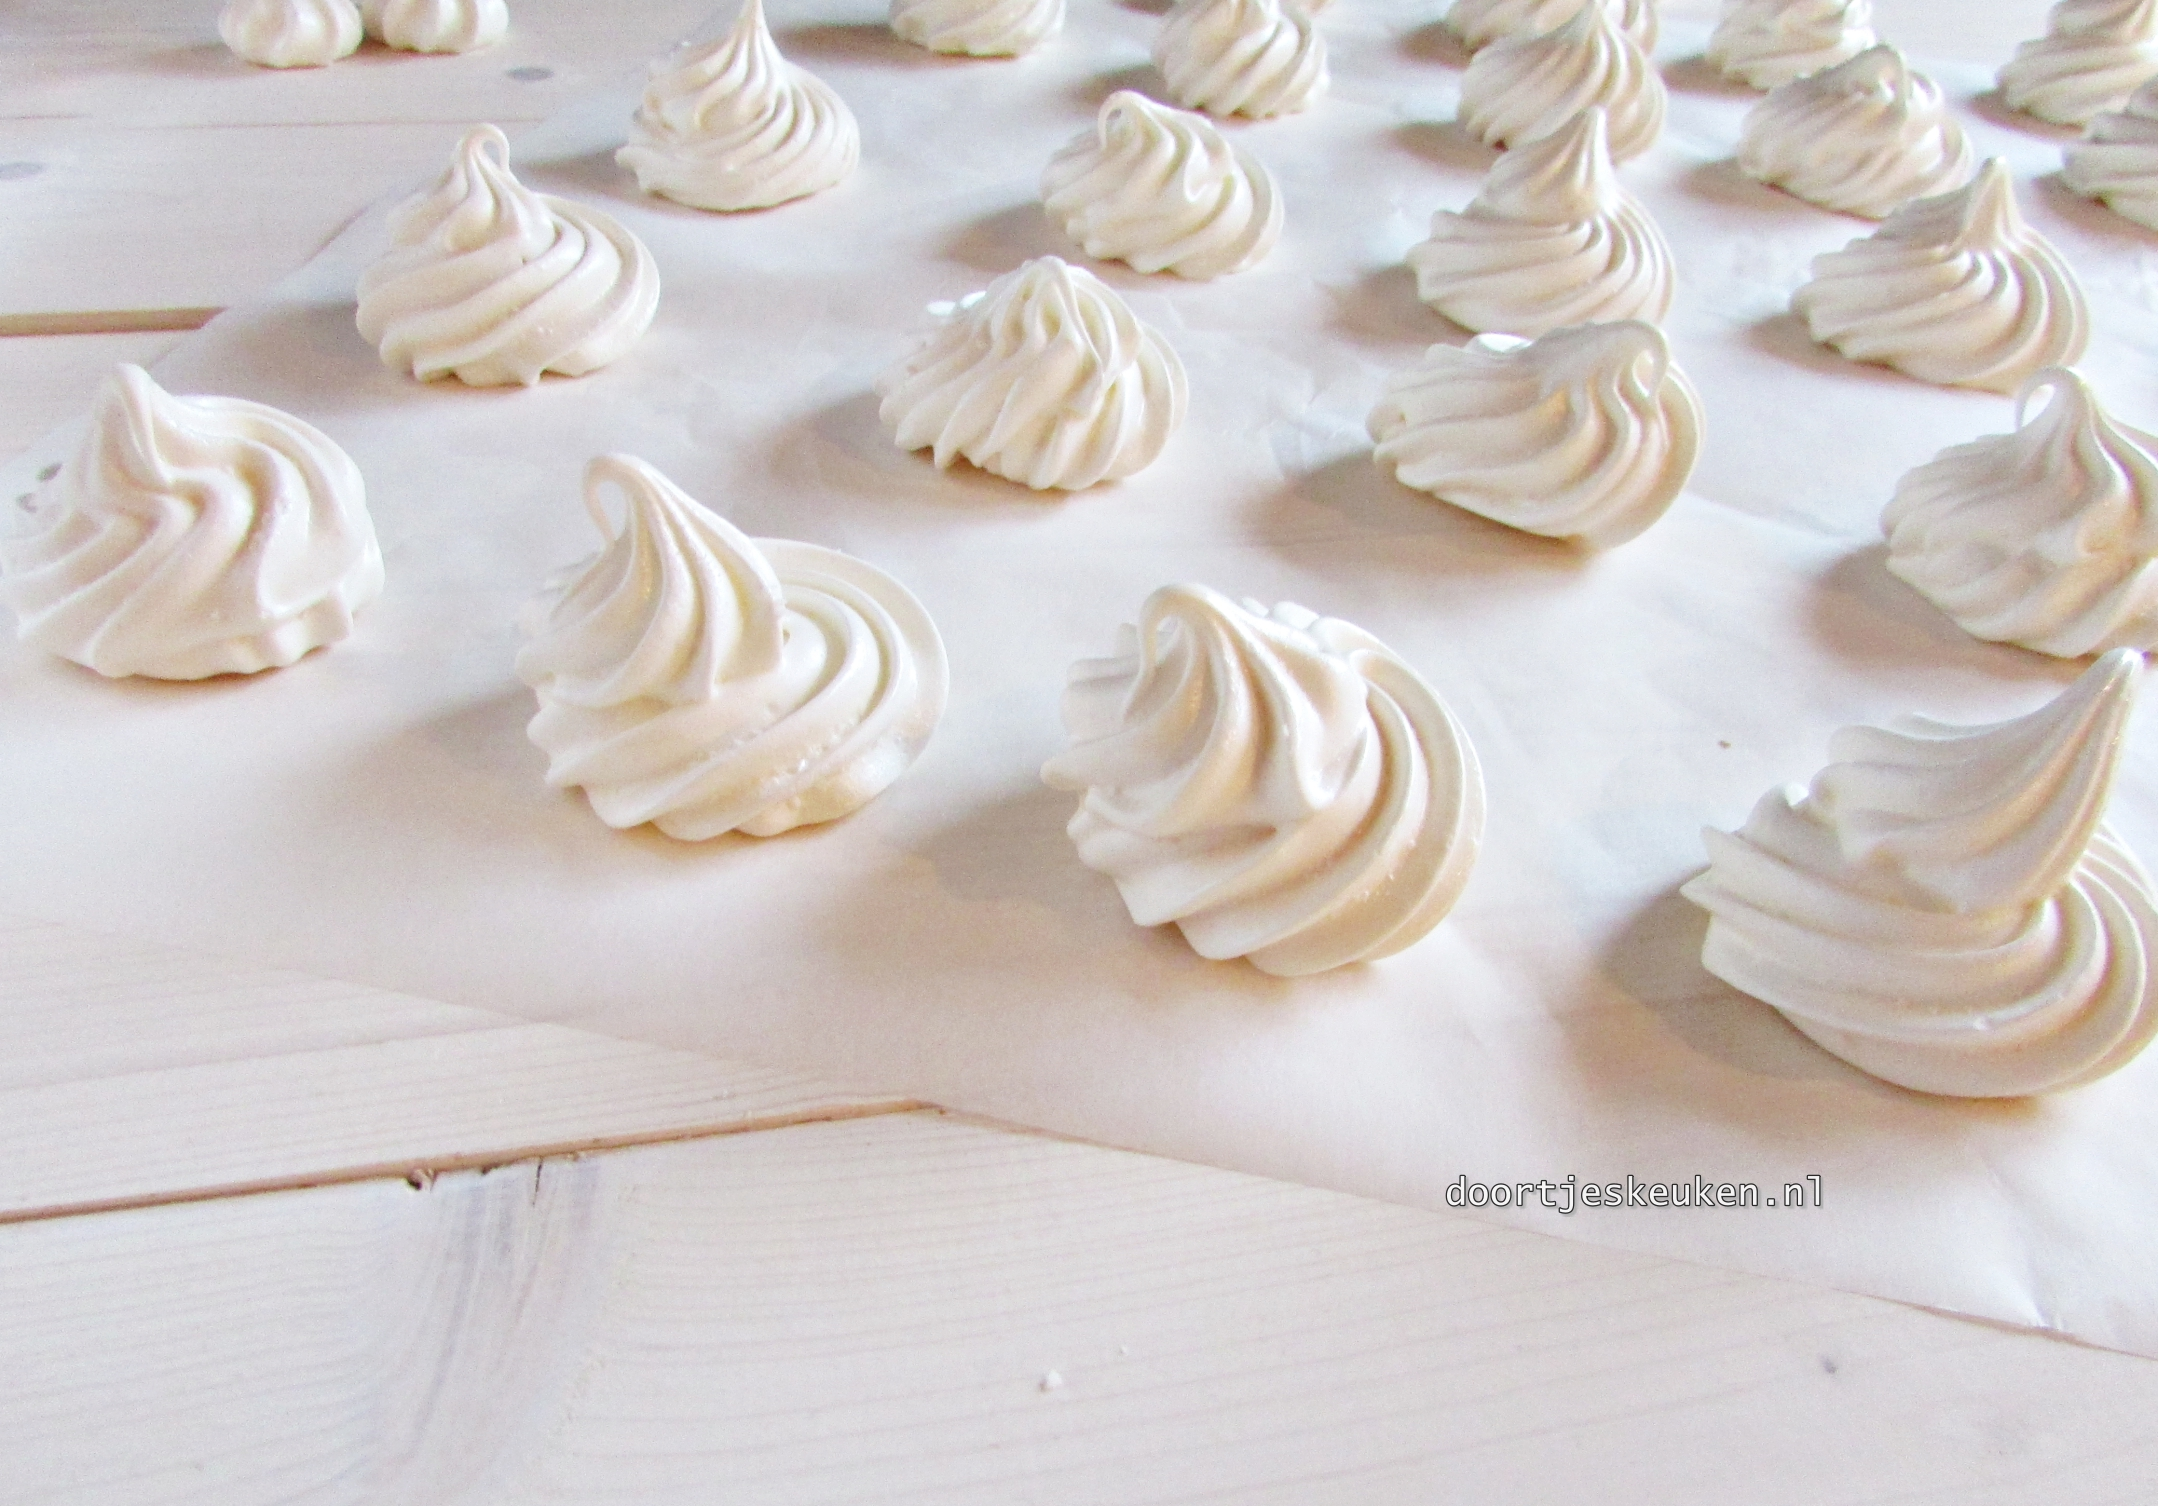 Schuimpjes (meringue)